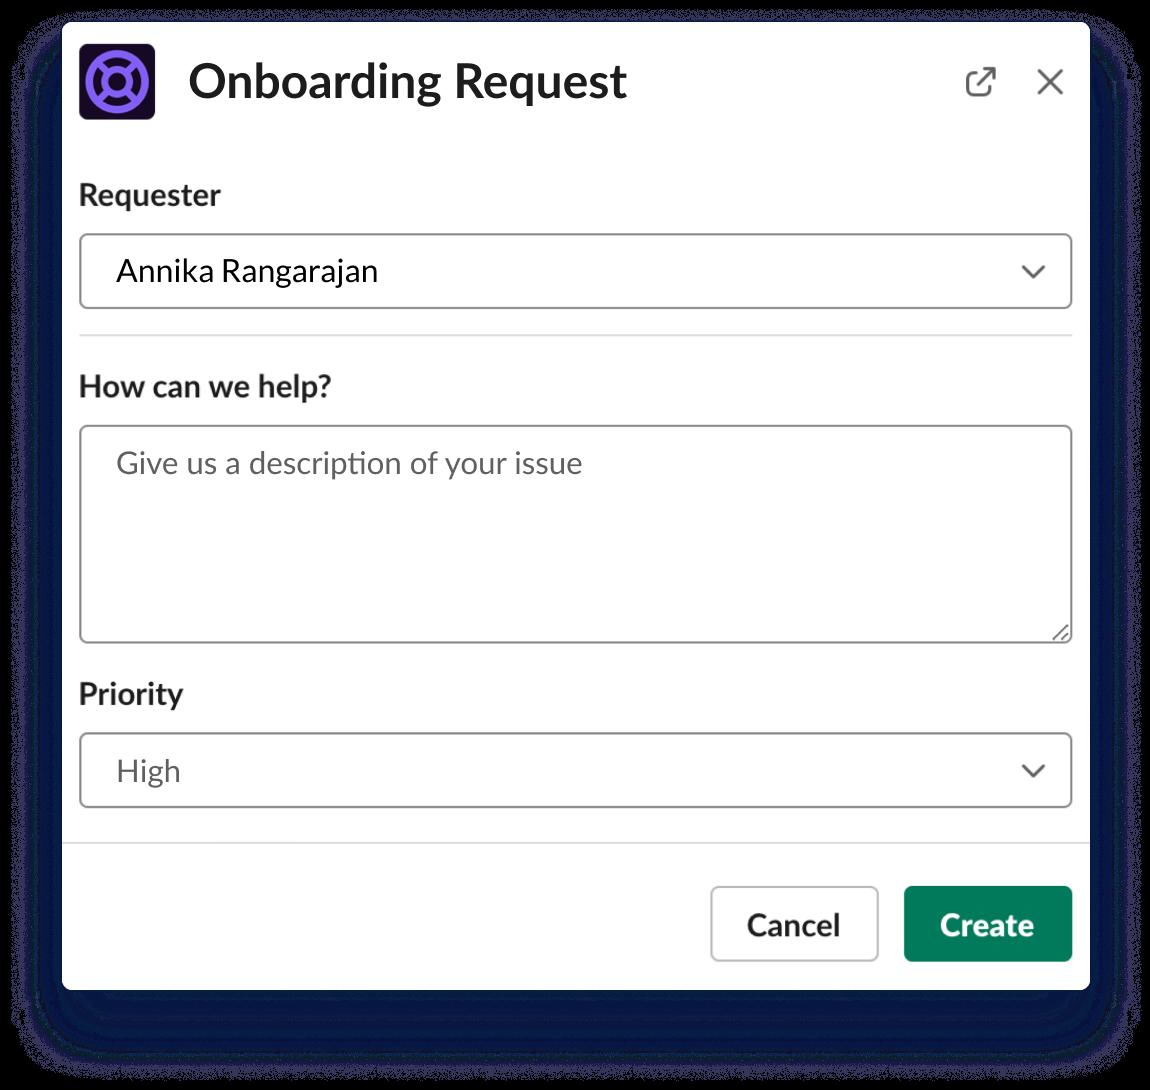 온보딩 요청 스크린샷